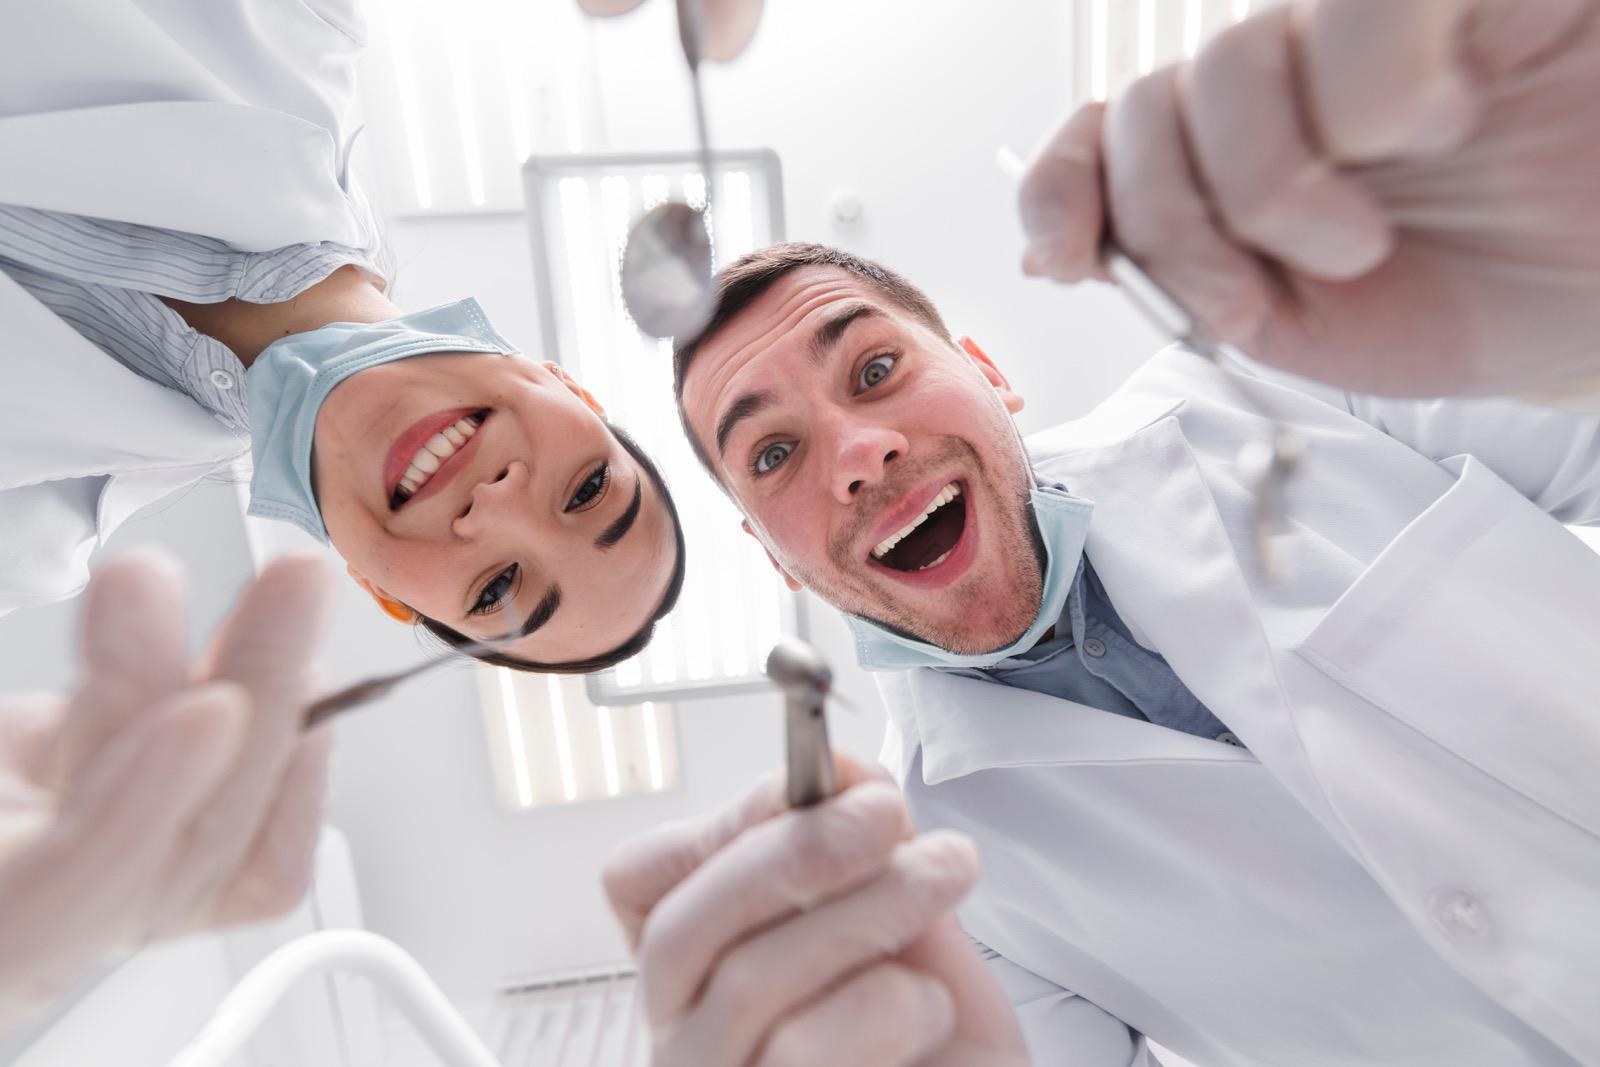 sito-web-dentisti-studi-dentistici-offerta-aprile-2019-agenzia-milano-wombo